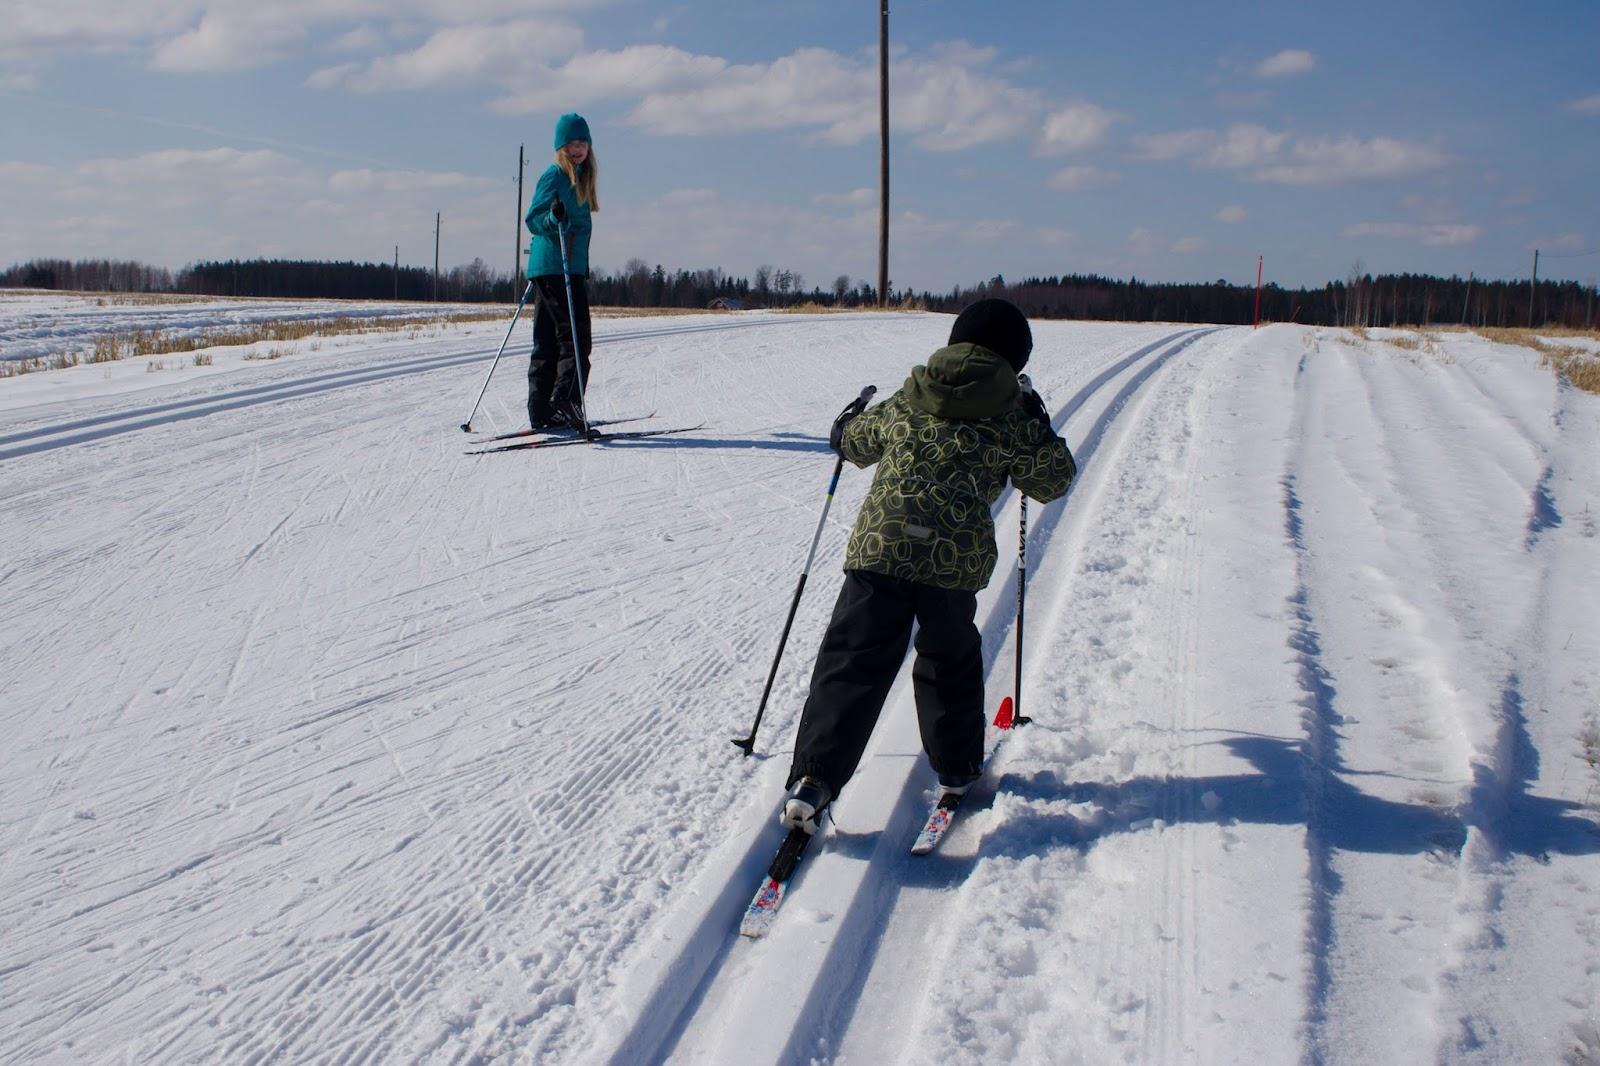 Lapset hiihtämässä latumajalta lähtevää latua